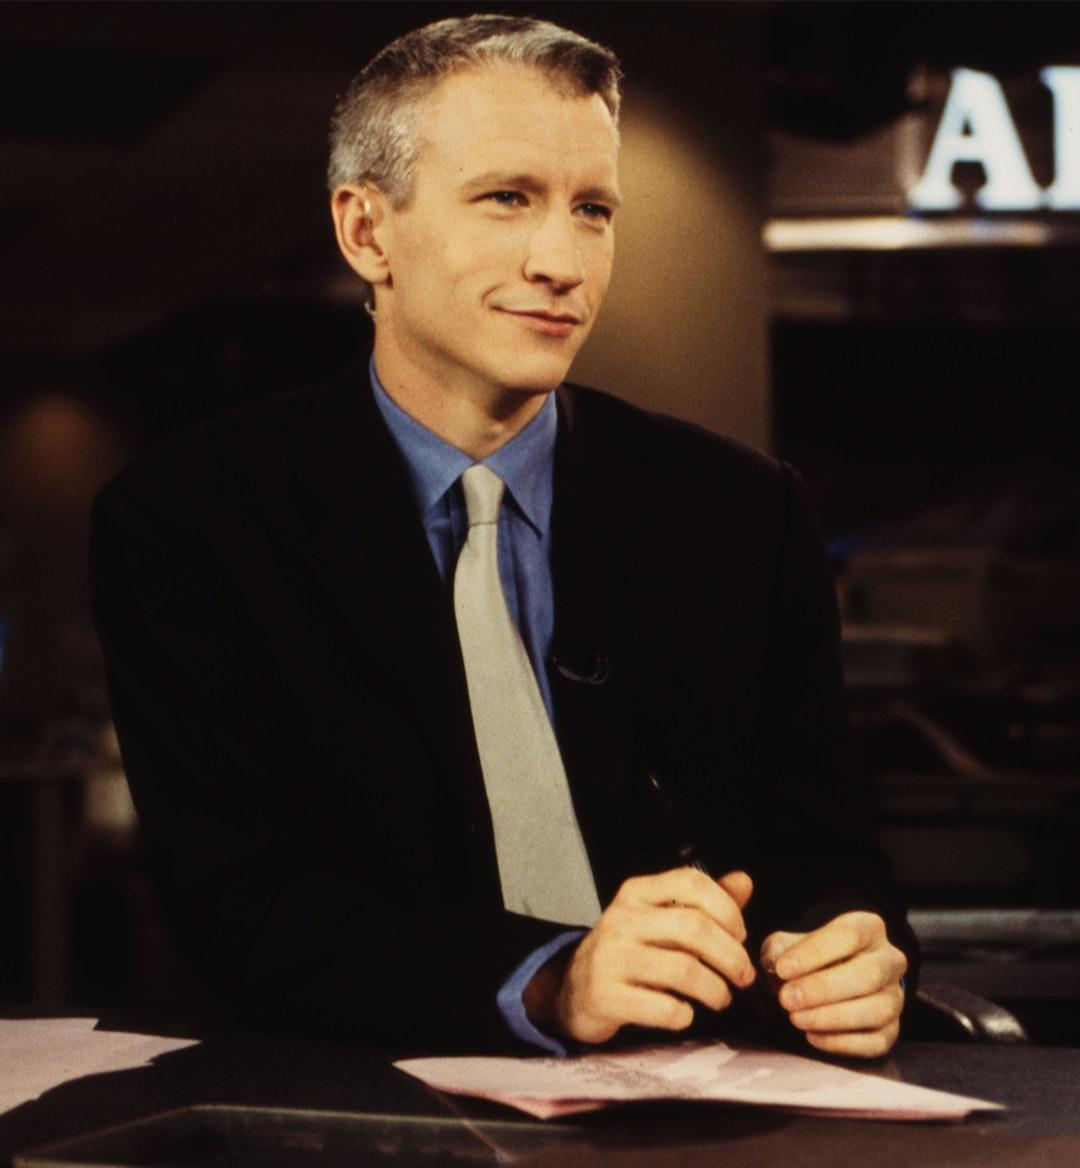 Anderson Cooper mobile